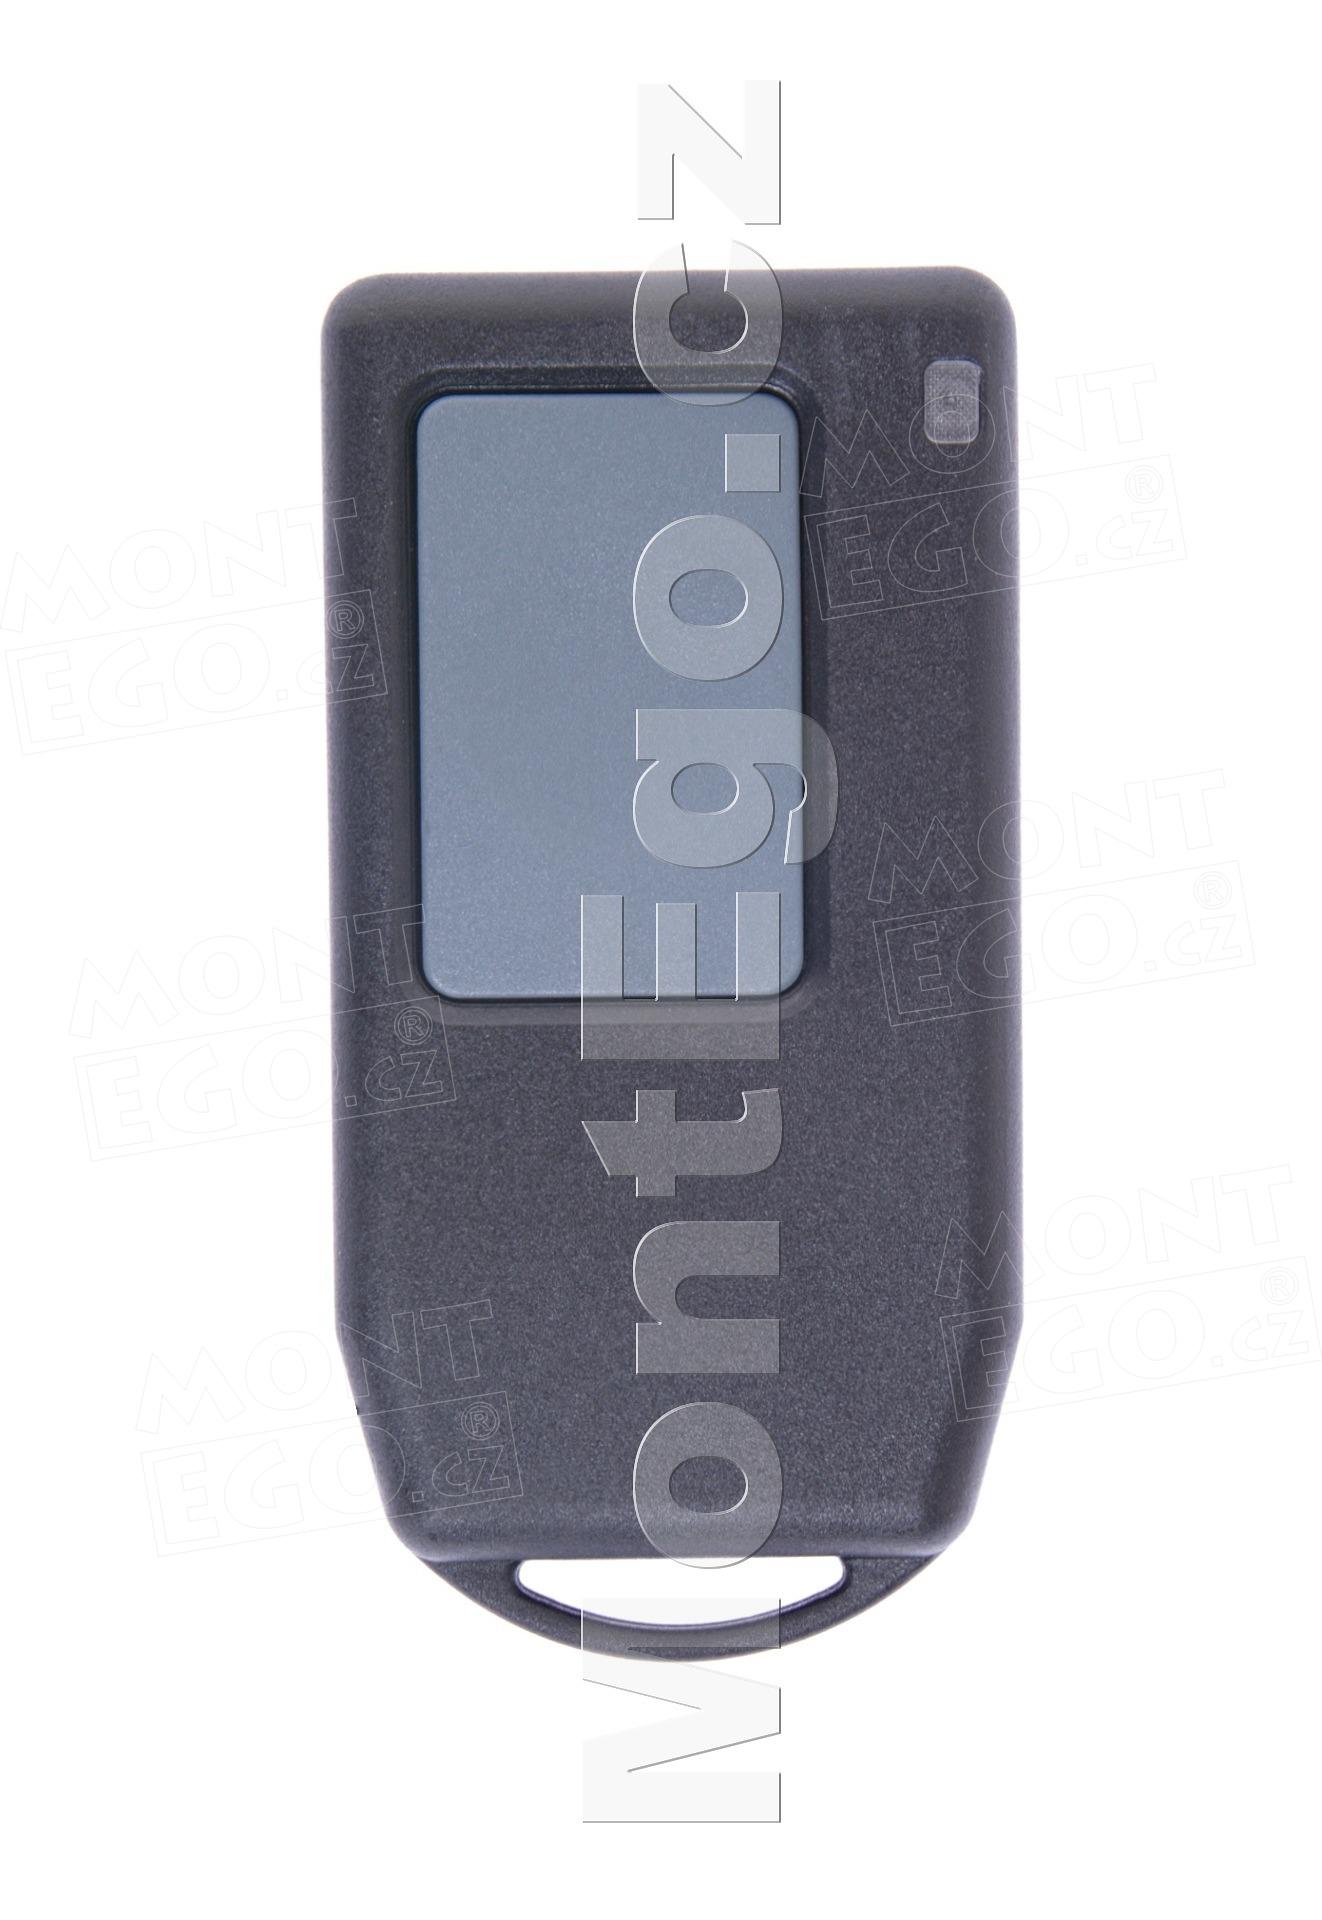 Tx Pocket 1 Enika kapesní vysílač jednokanálový